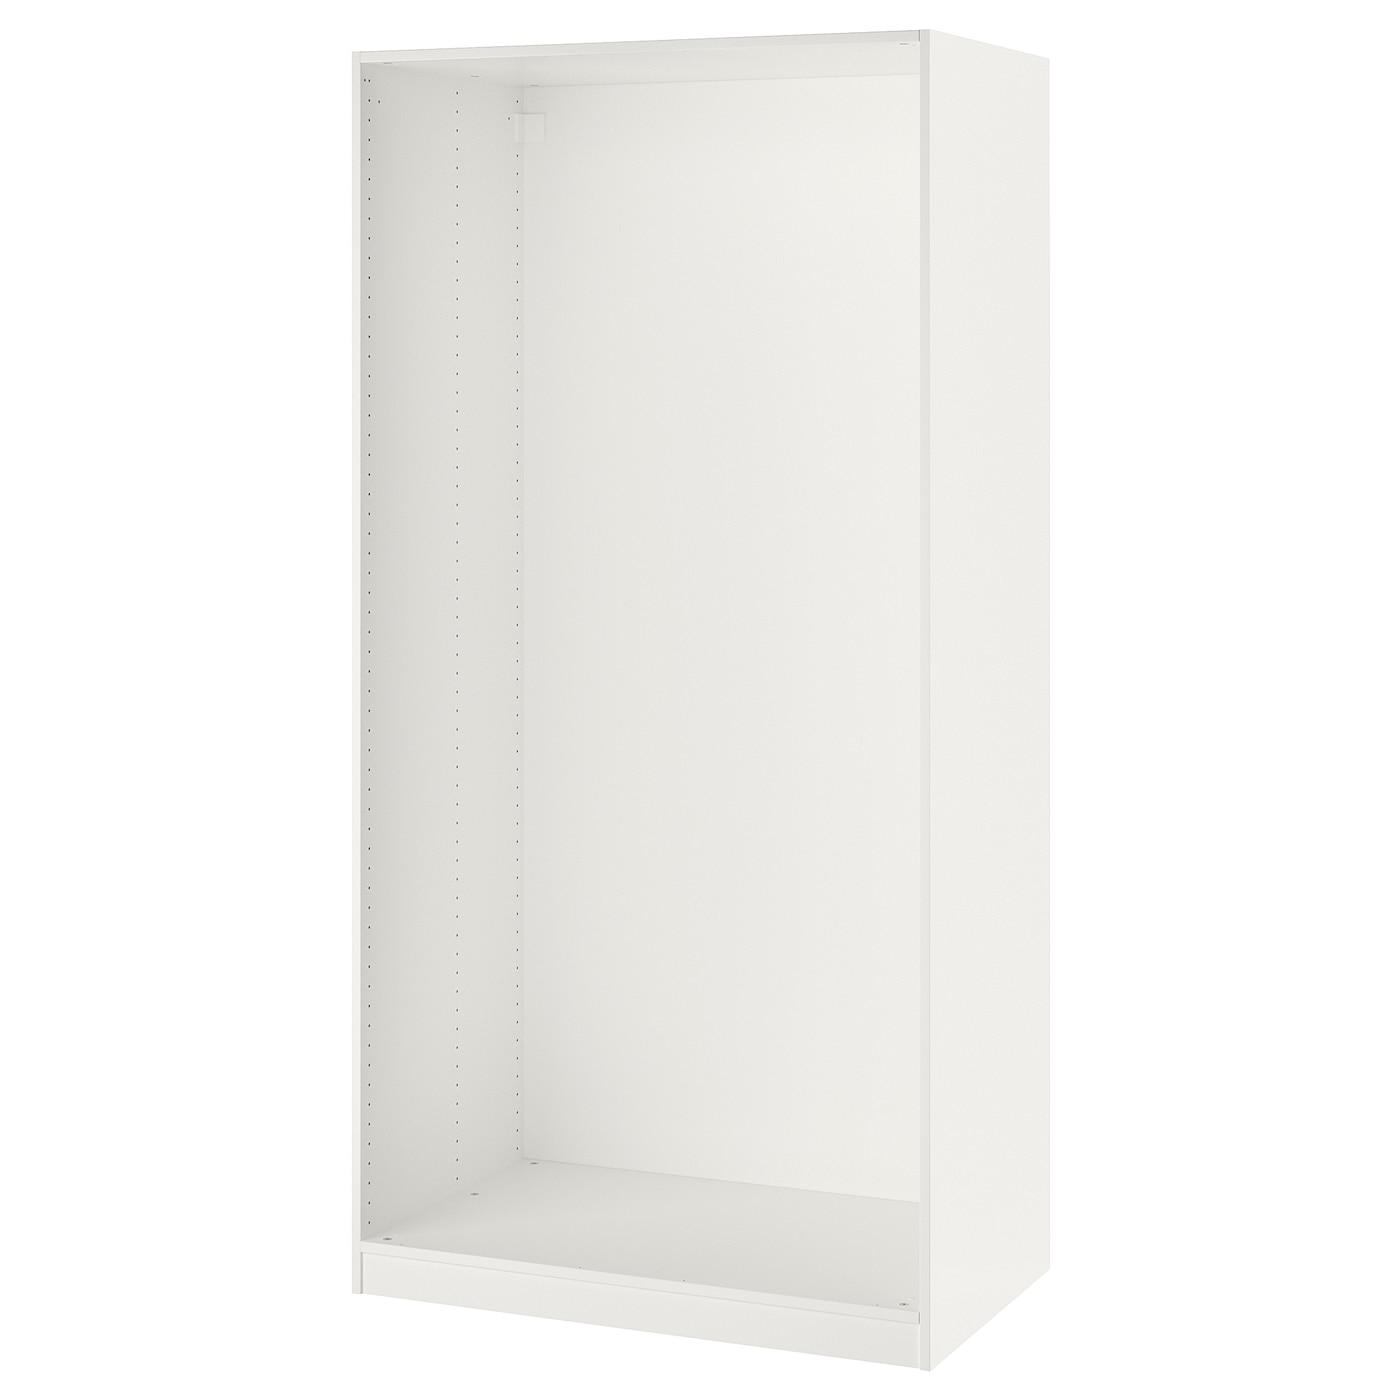 Pax Ballstad Guardaroba Angolare.Pax Struttura Per Guardaroba Bianco Ikea